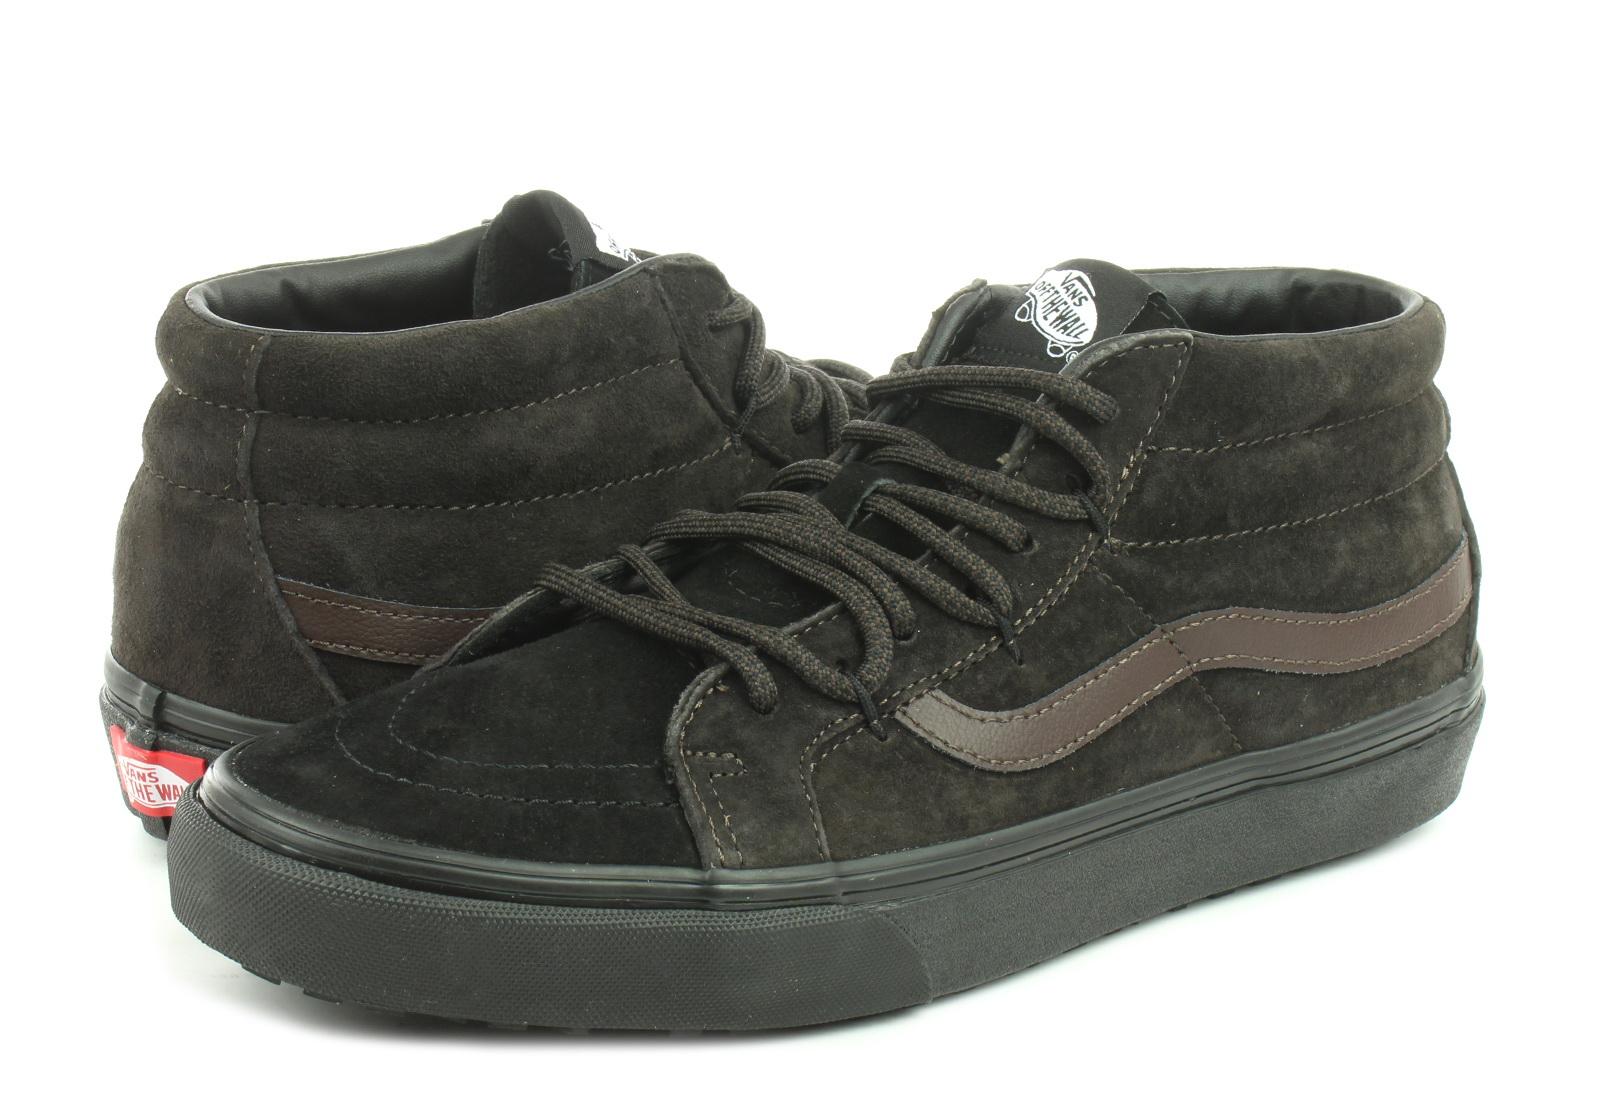 Vans Cipele Ua Sk8 - Mid Reissue Ghillie Mte